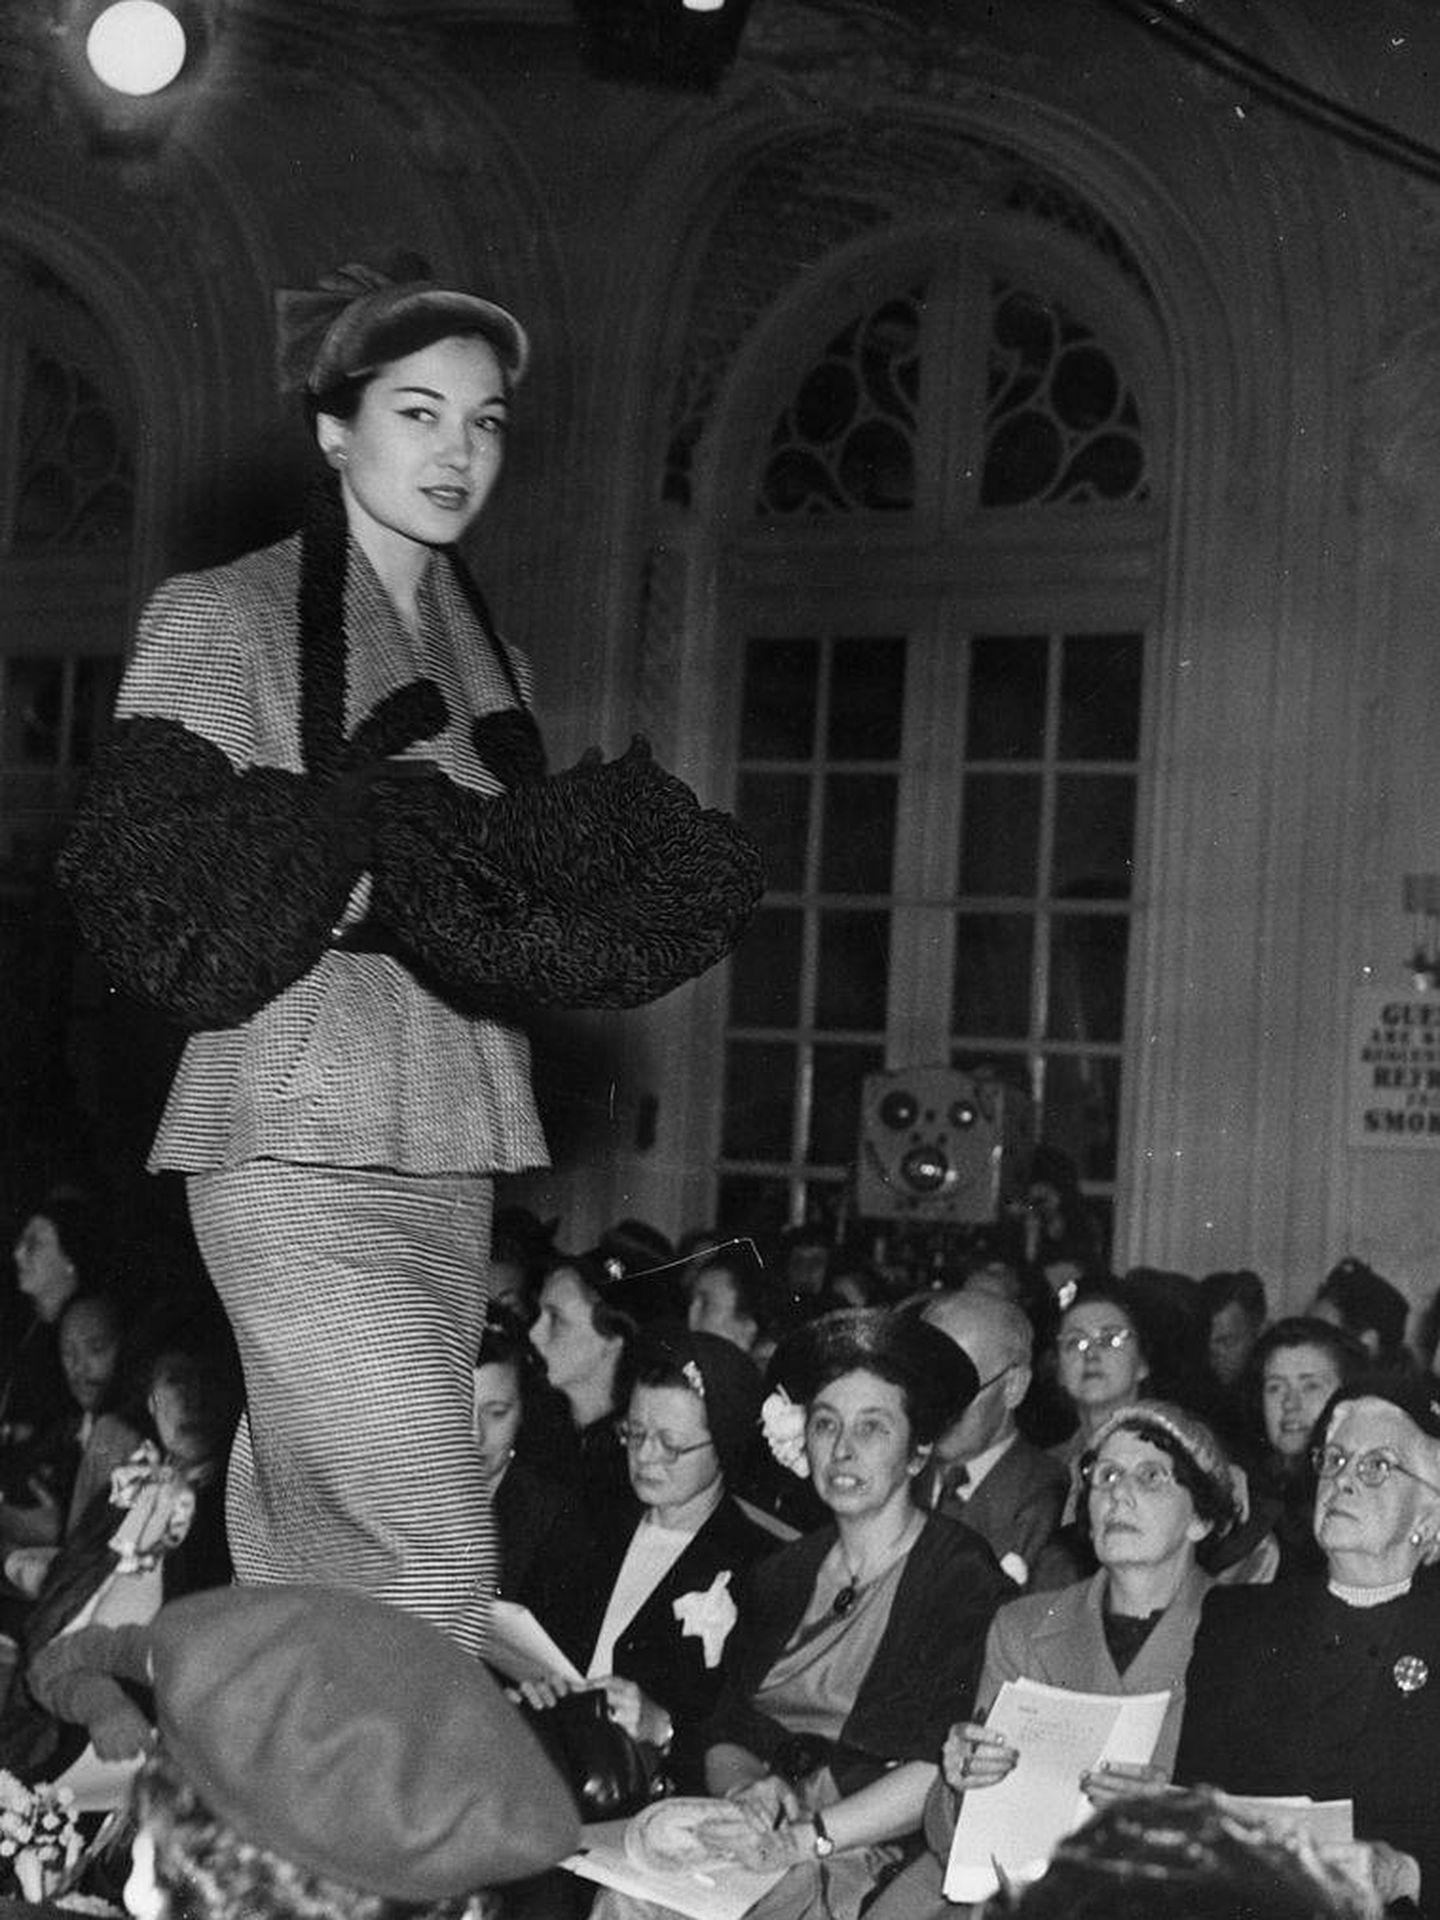 1951 Wool Fashions. (Getty)